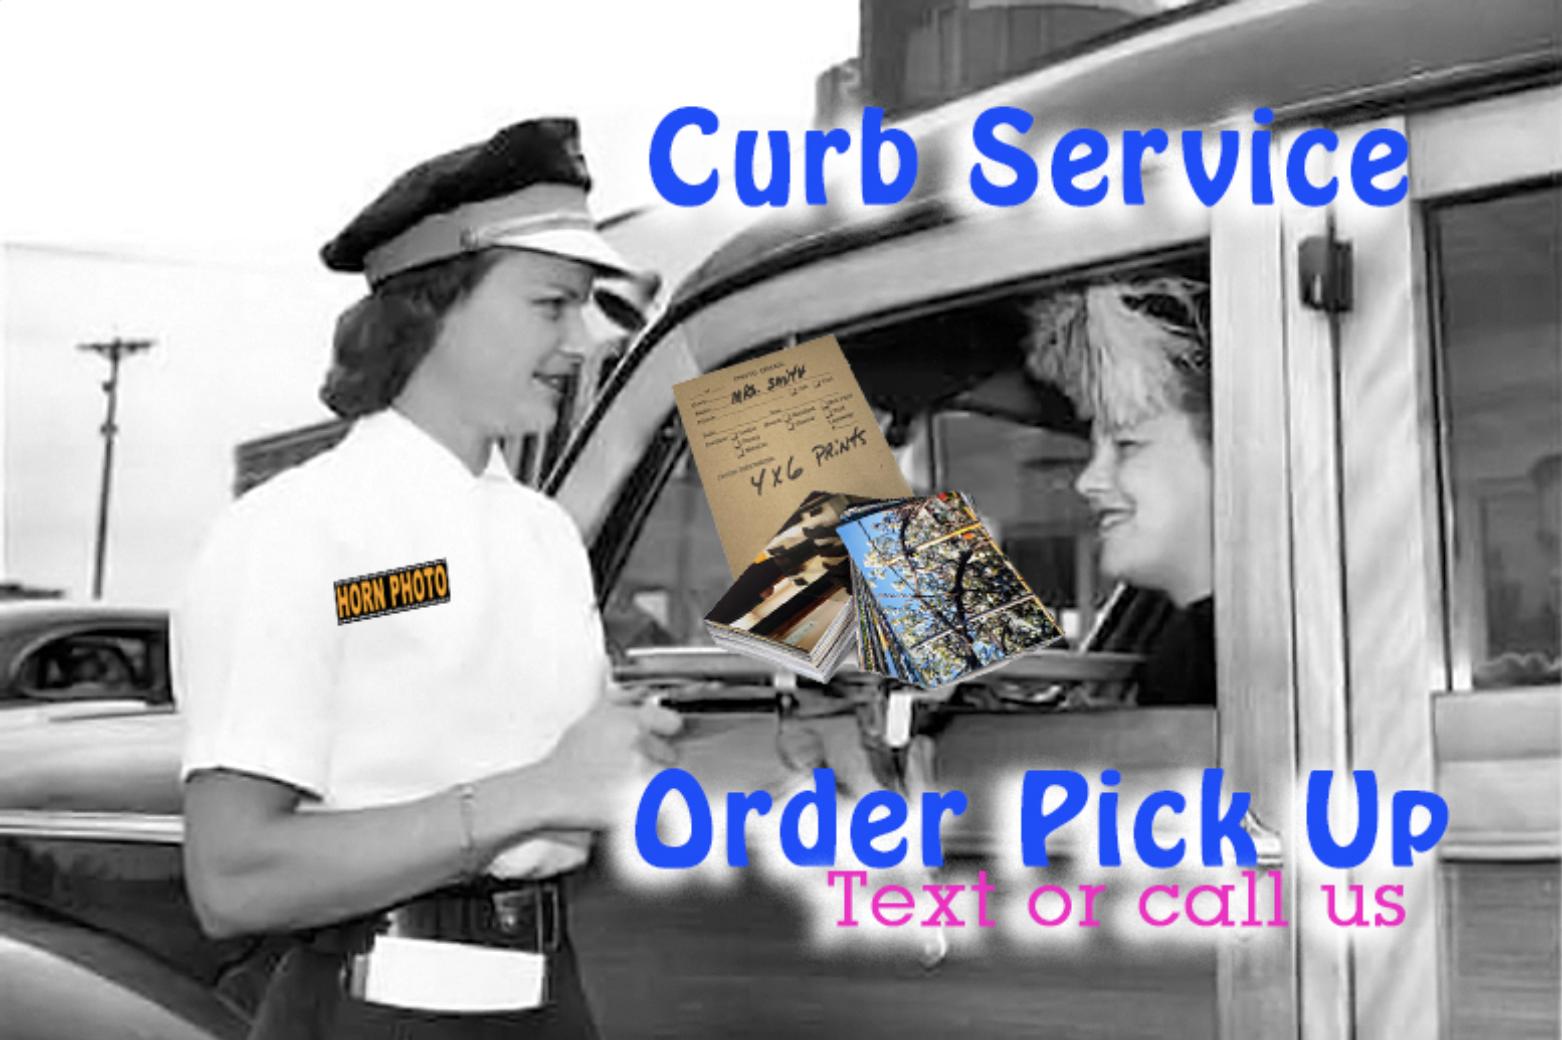 Horn Photo order pickup